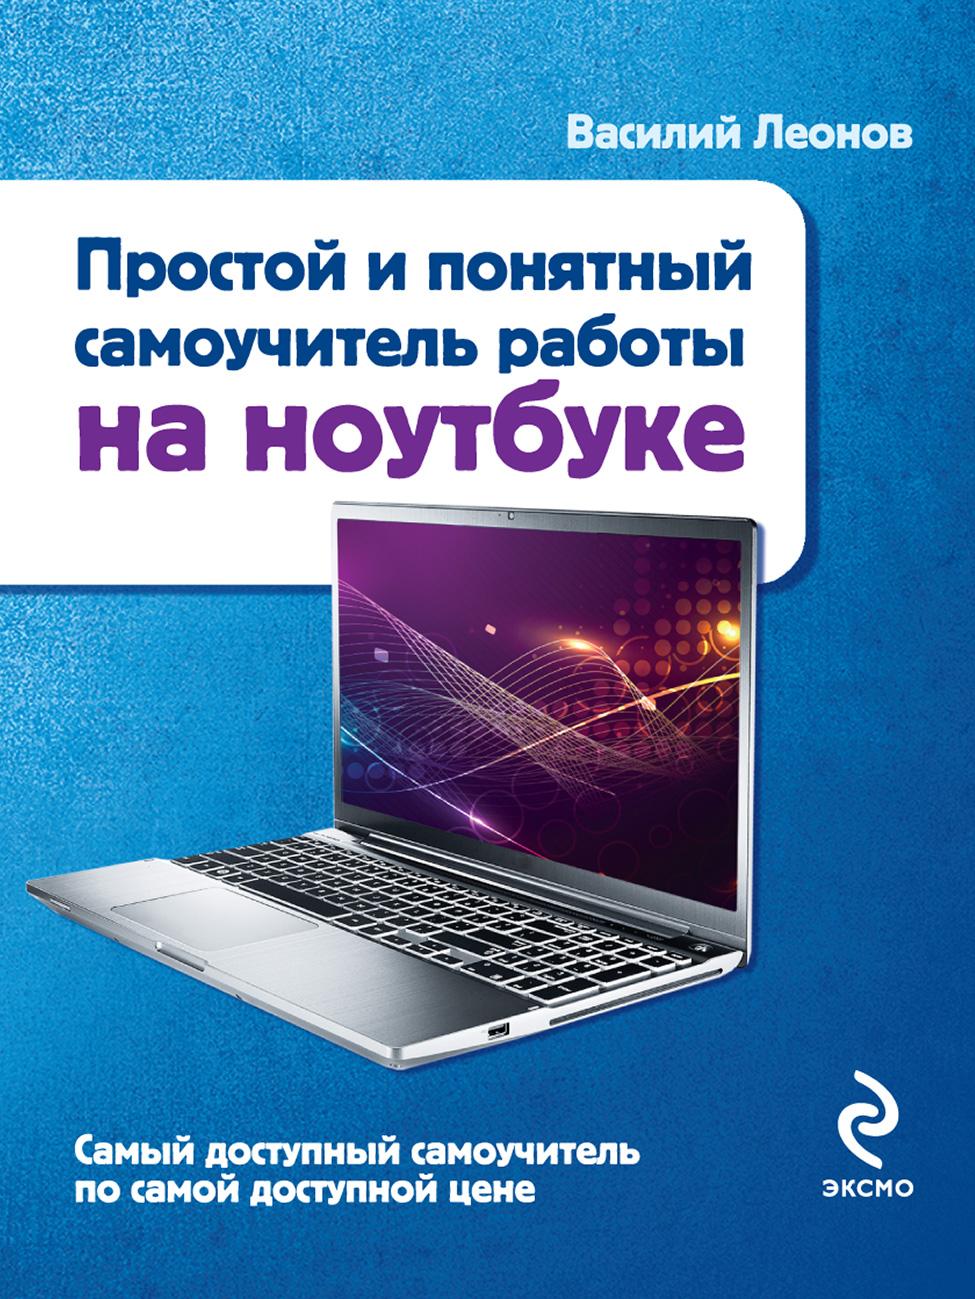 Василий Леонов Простой и понятный самоучитель работы на ноутбуке левин а самоучитель работы на ноутбуке windows 8 3 е издание